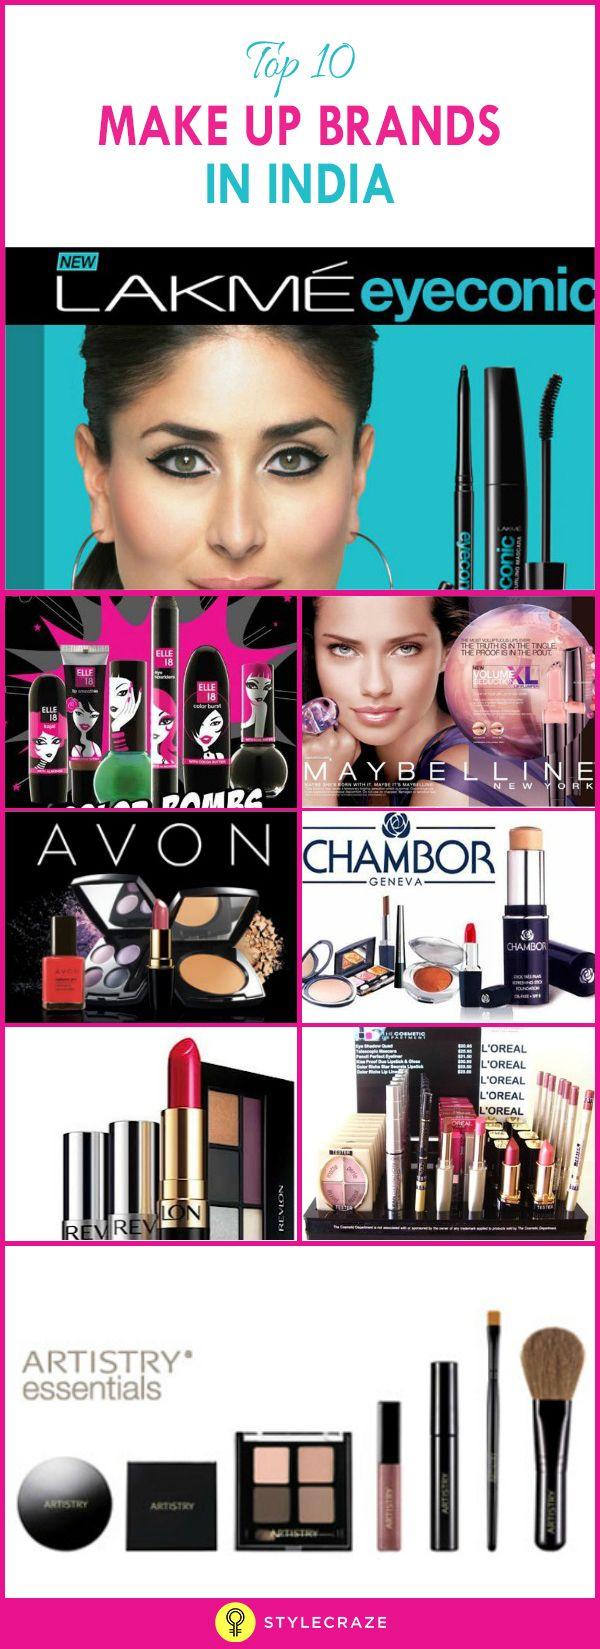 15 Best Makeup Cosmetics Brands In India 2020 Update Indian Makeup Brands Top Cosmetic Brands Cosmetics Brands